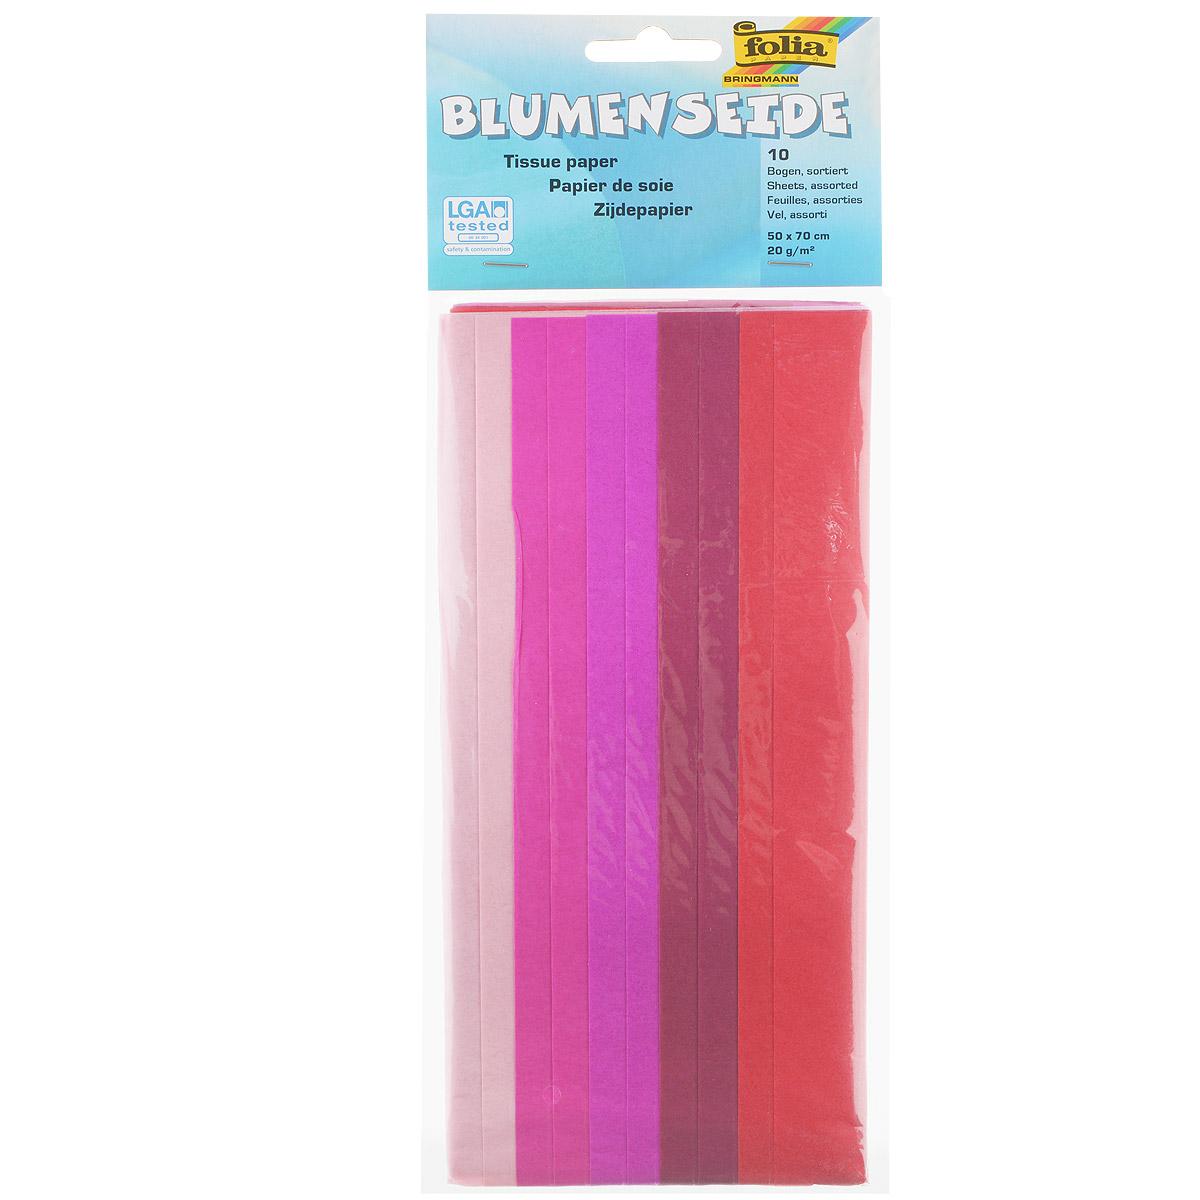 Бумага папиросная Folia, 50 см х 70 см, 10 листов. 7708130 креповая или папиросная бумага или тонкая упаковочная бумага купить томск